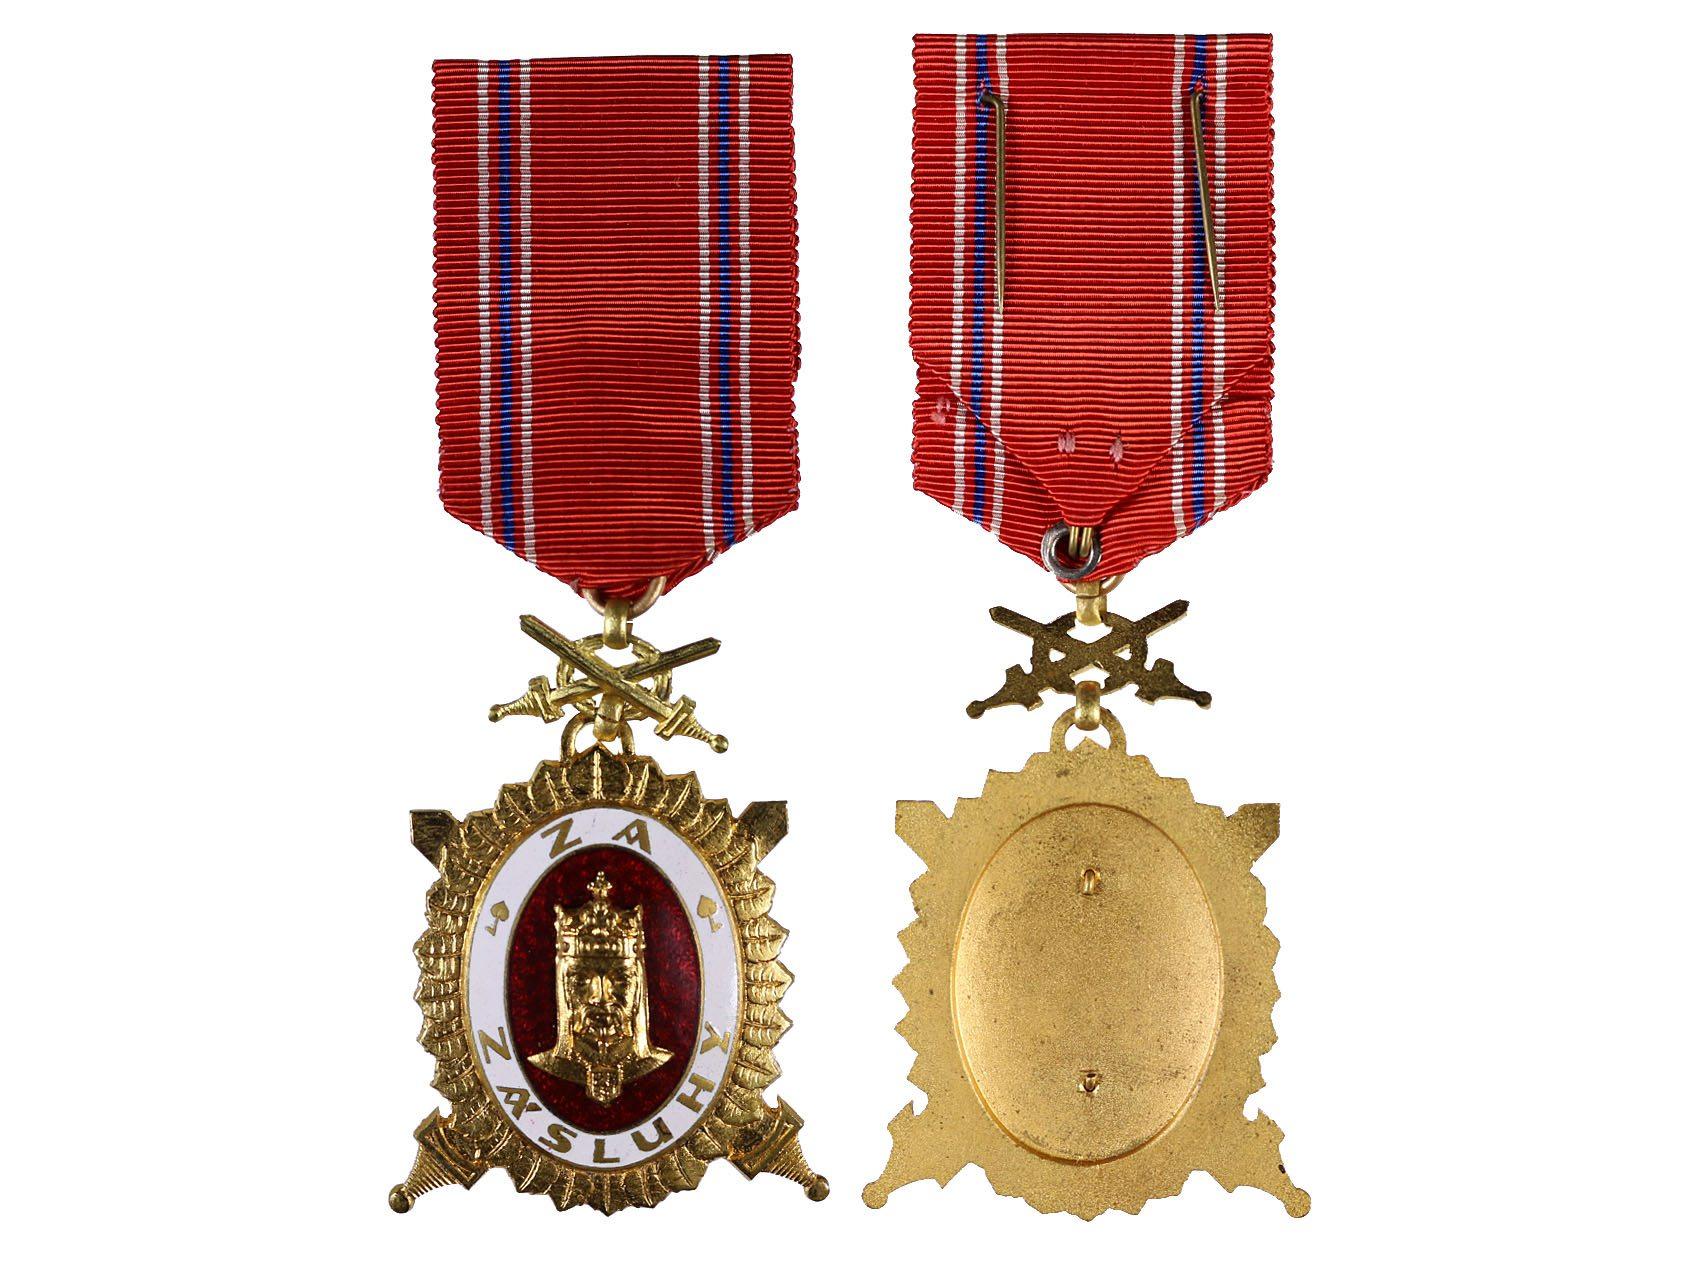 Diplomový čestný odznak krále Karla IV., stupeň čestný člen, Zlatý čestný odznak 1. třídy za vojenské zásluhy, typ 1945-1949, N96a1a